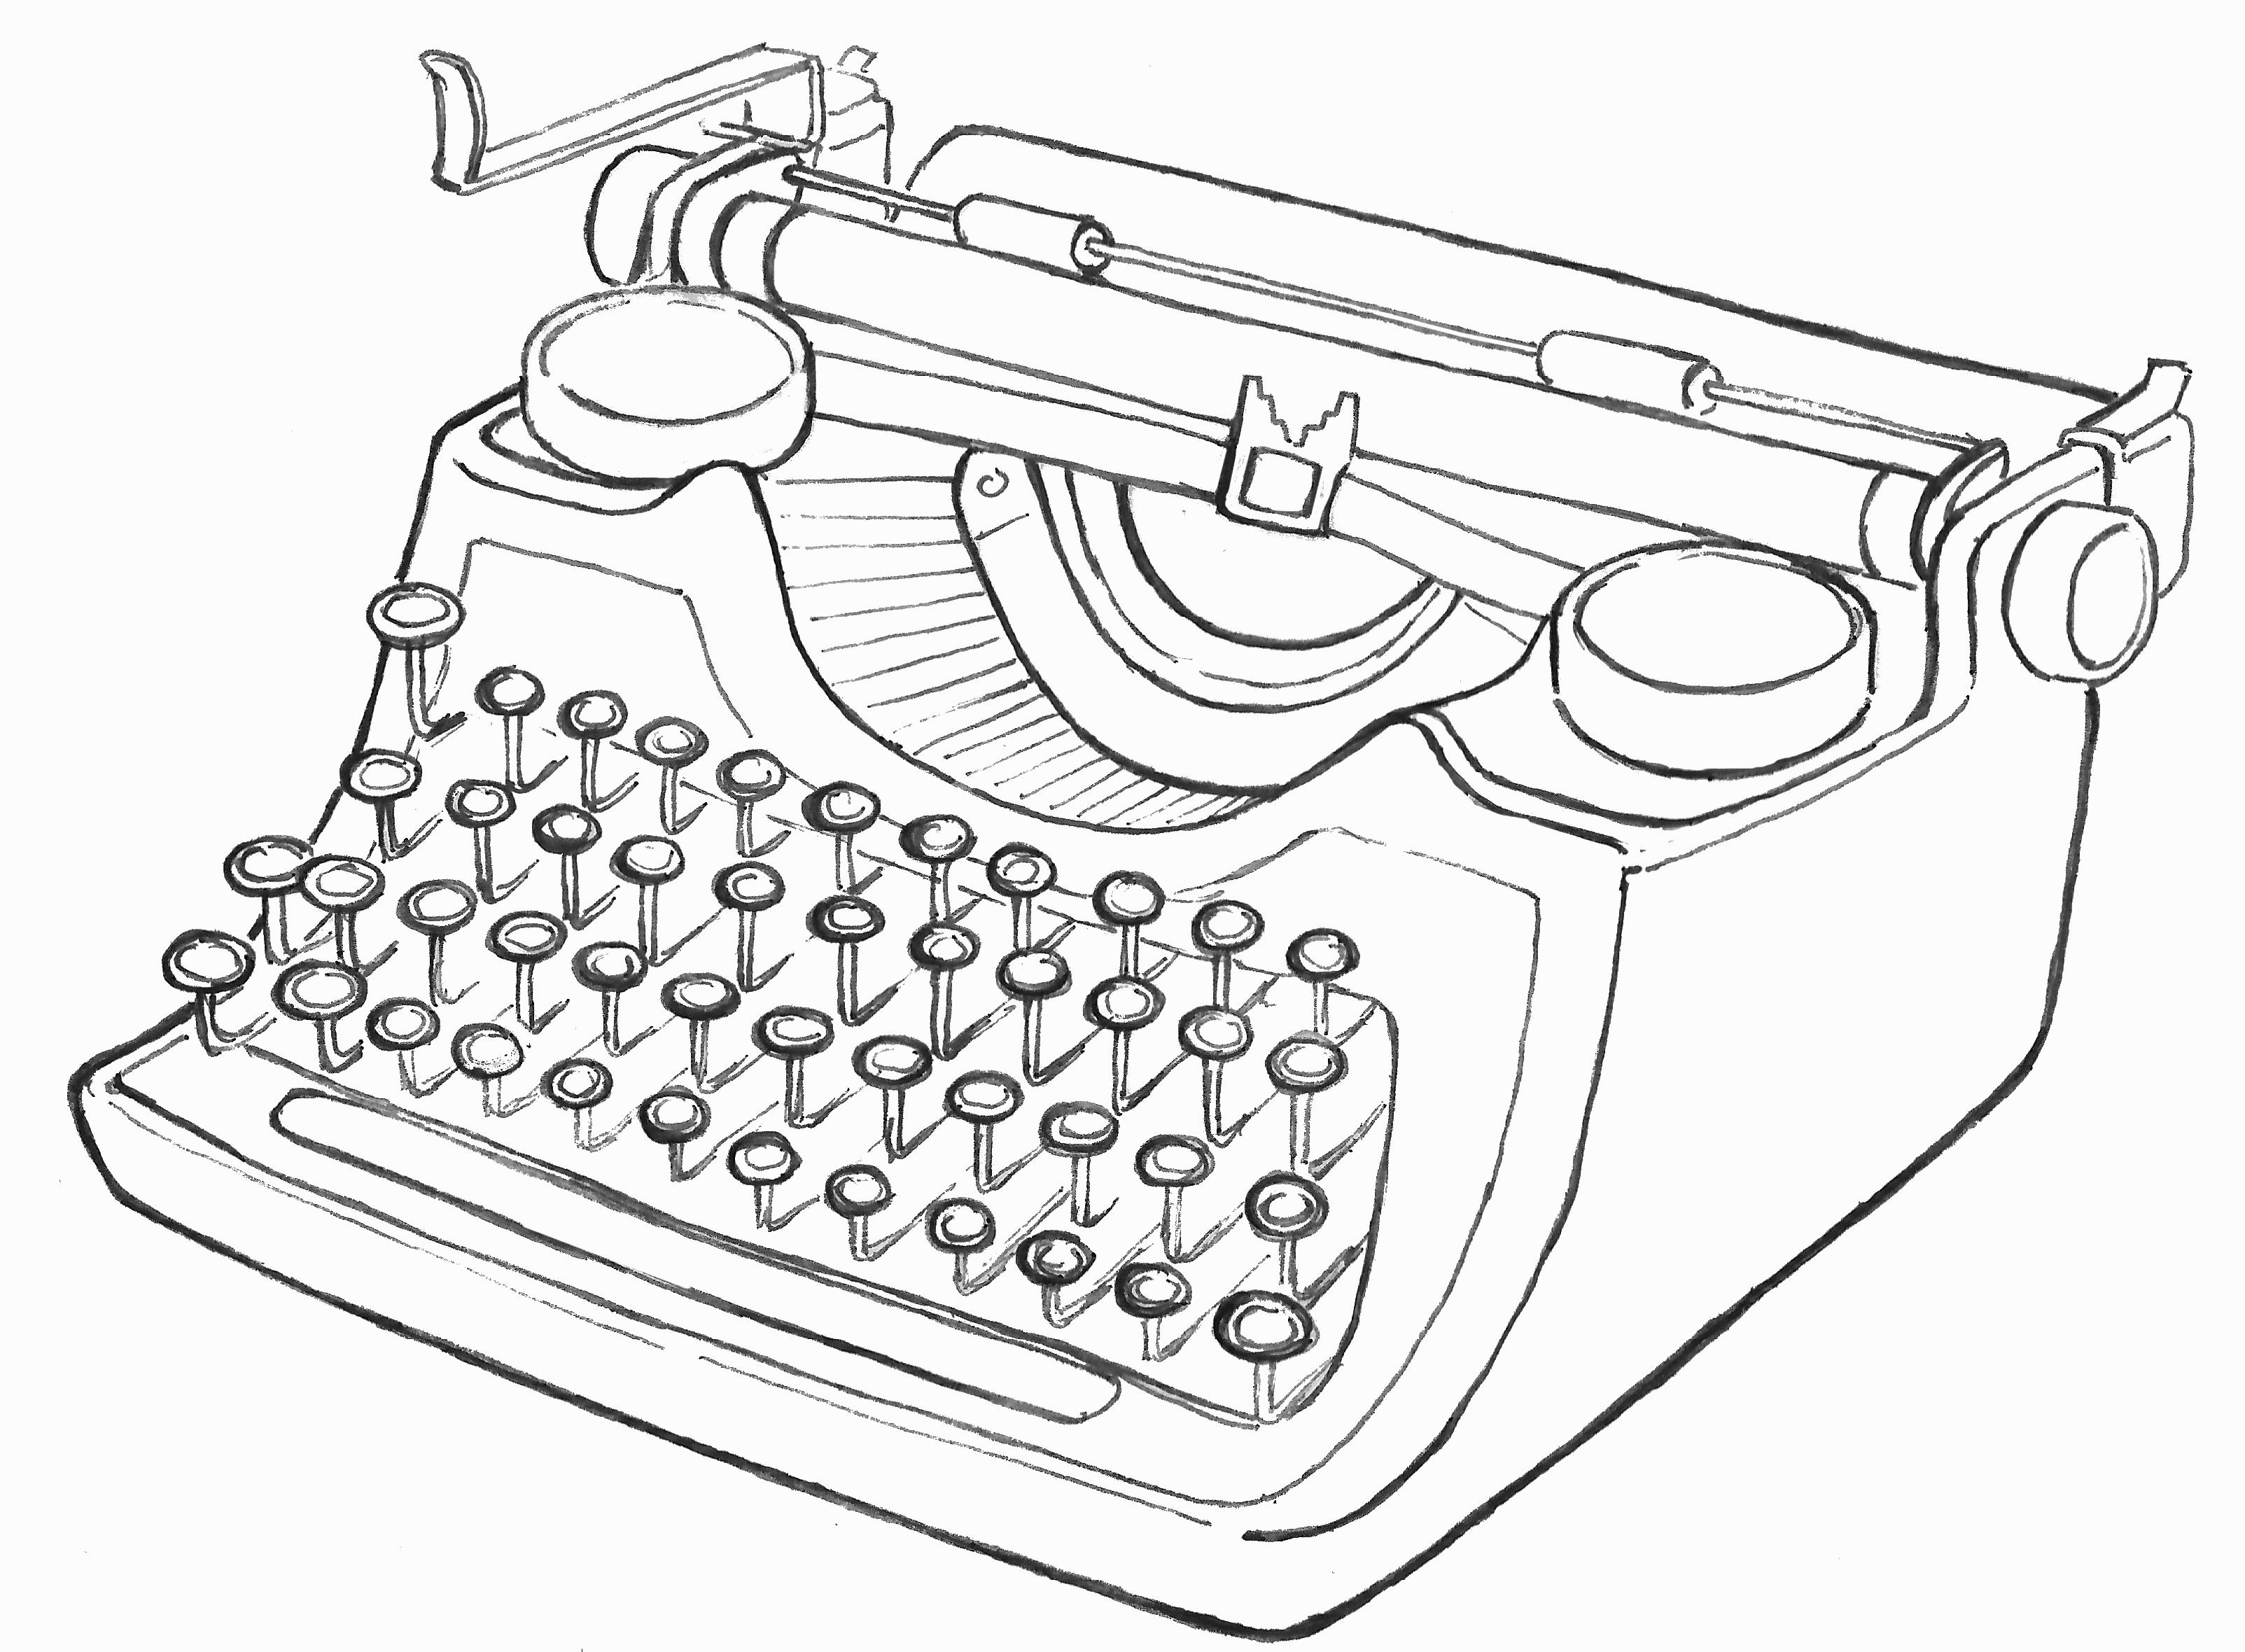 Drawn typewriter Typewriters Illustration Typewriter line Pinterest